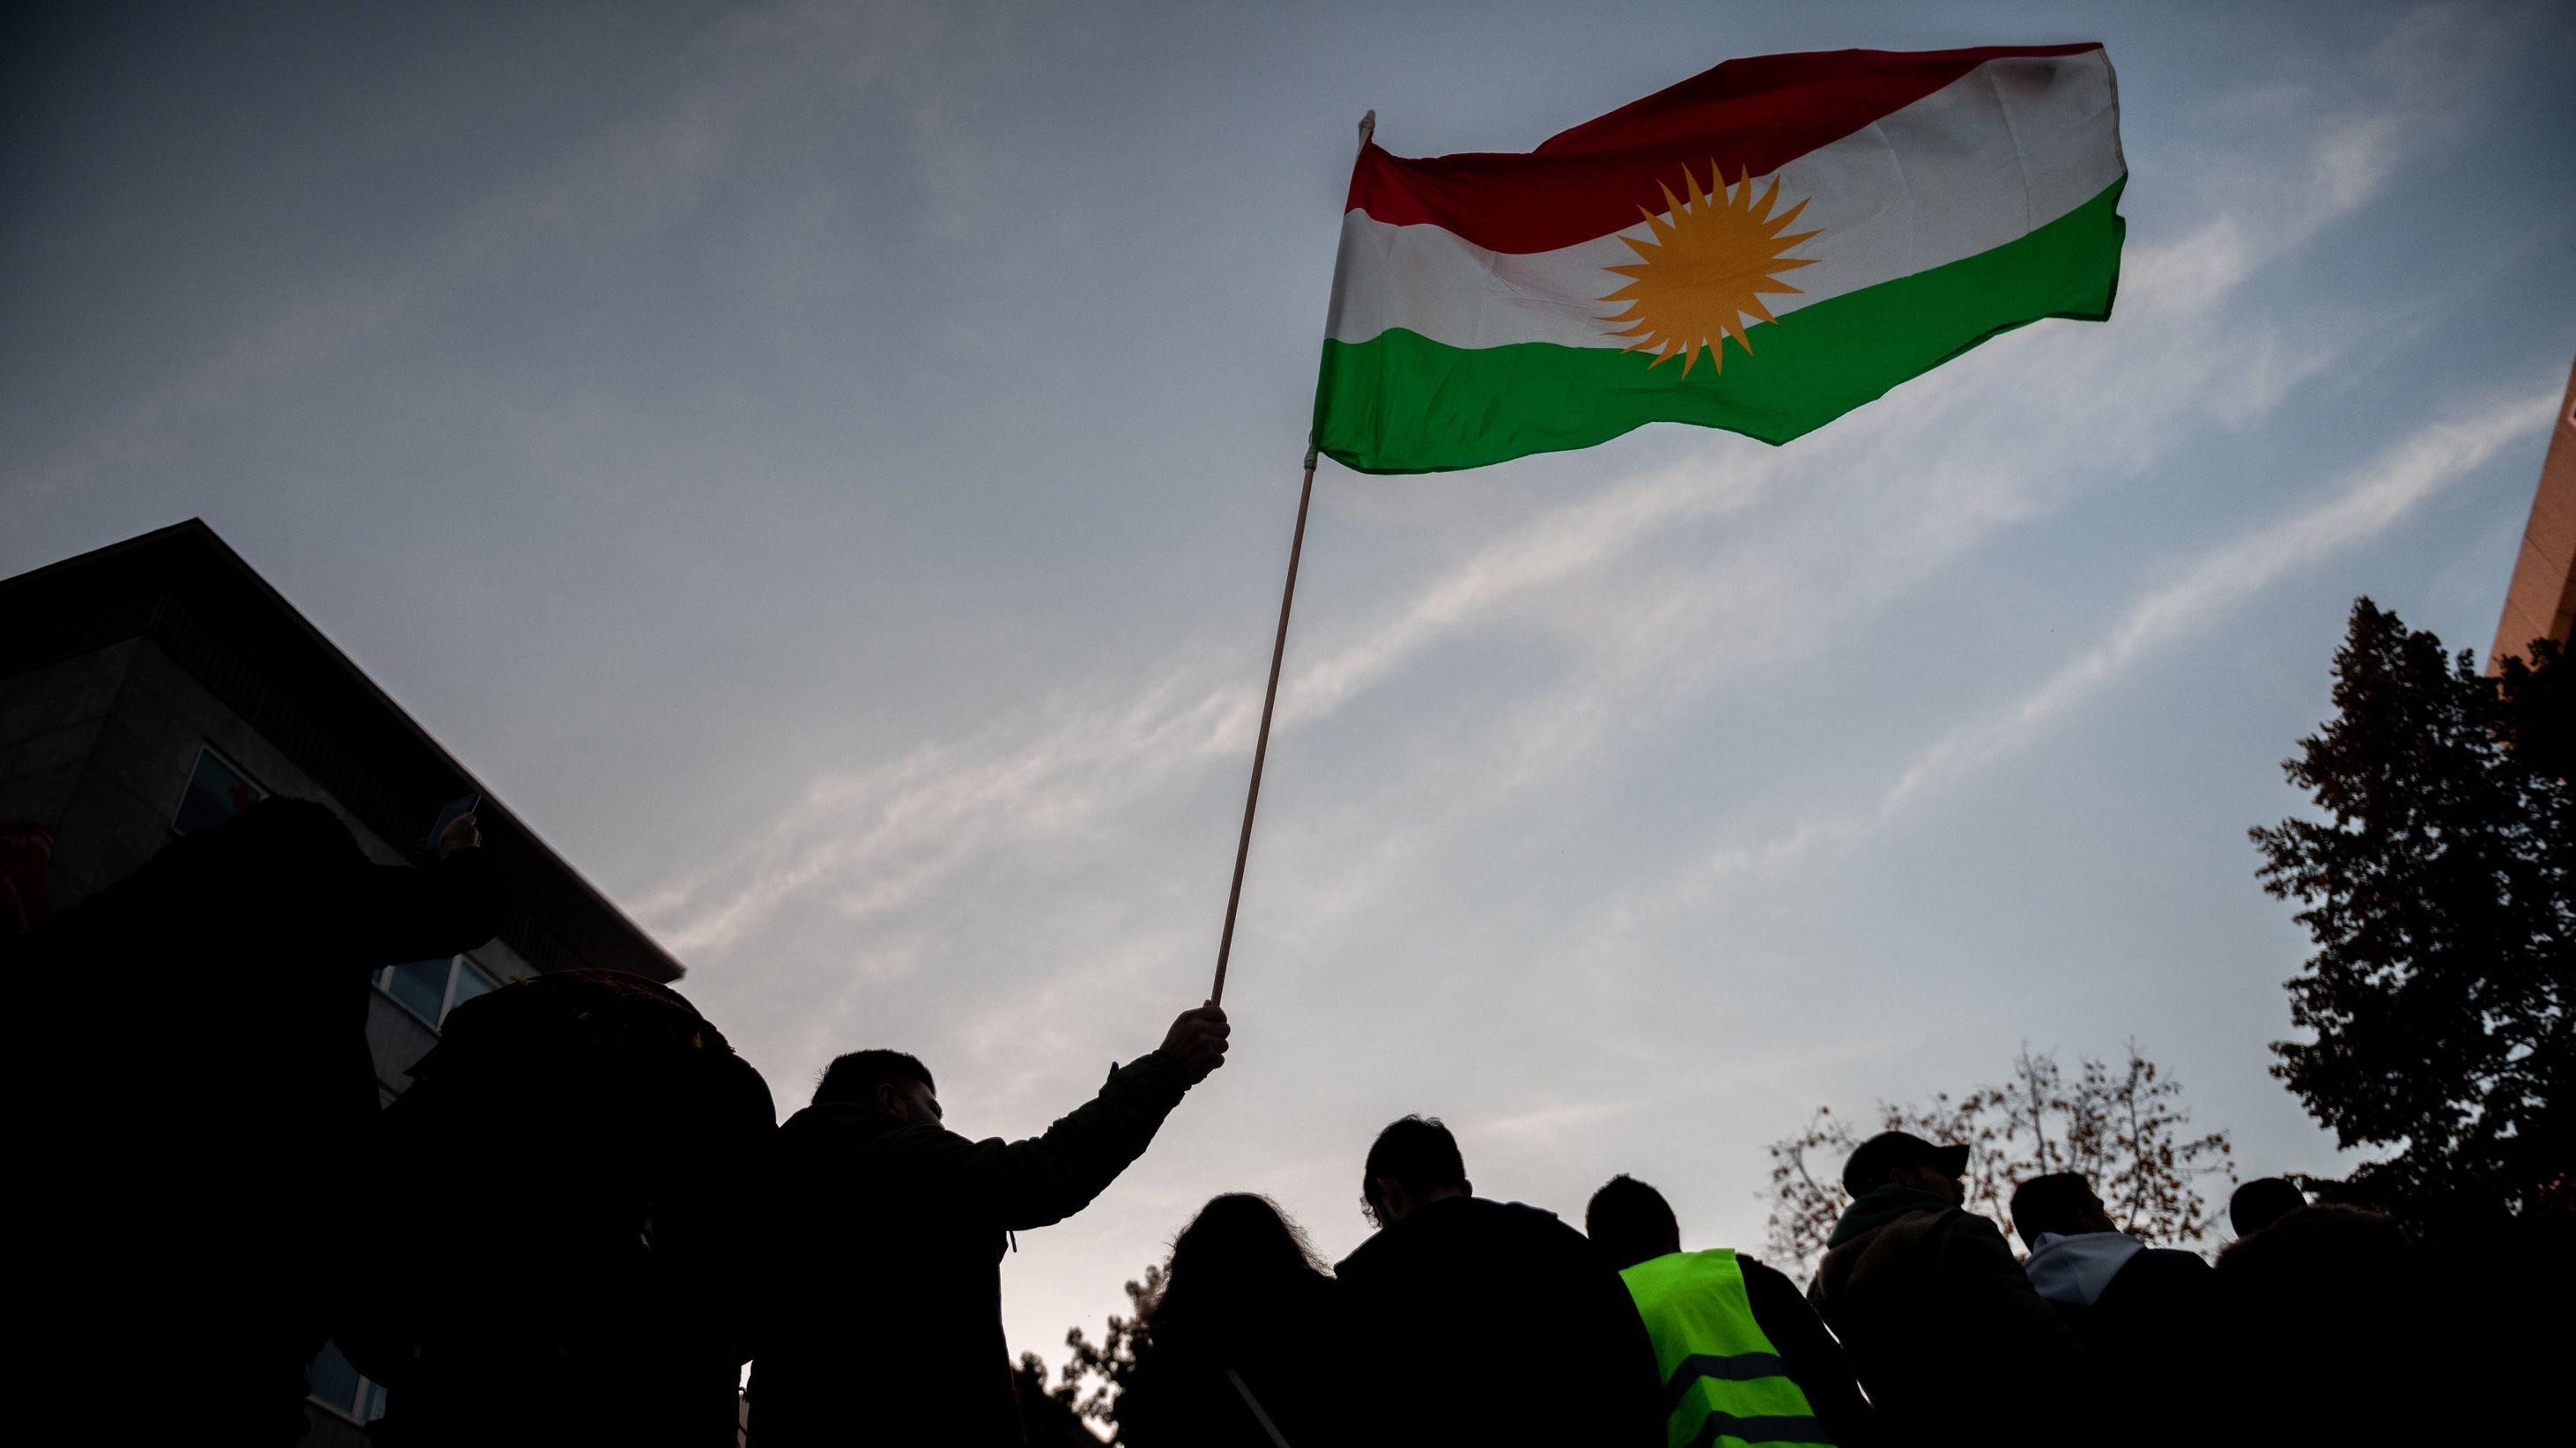 Symbolbild - Kurden in Nordrhein-Westfalen demonstrieren gegen die türkische Militäroffensive in Syrien